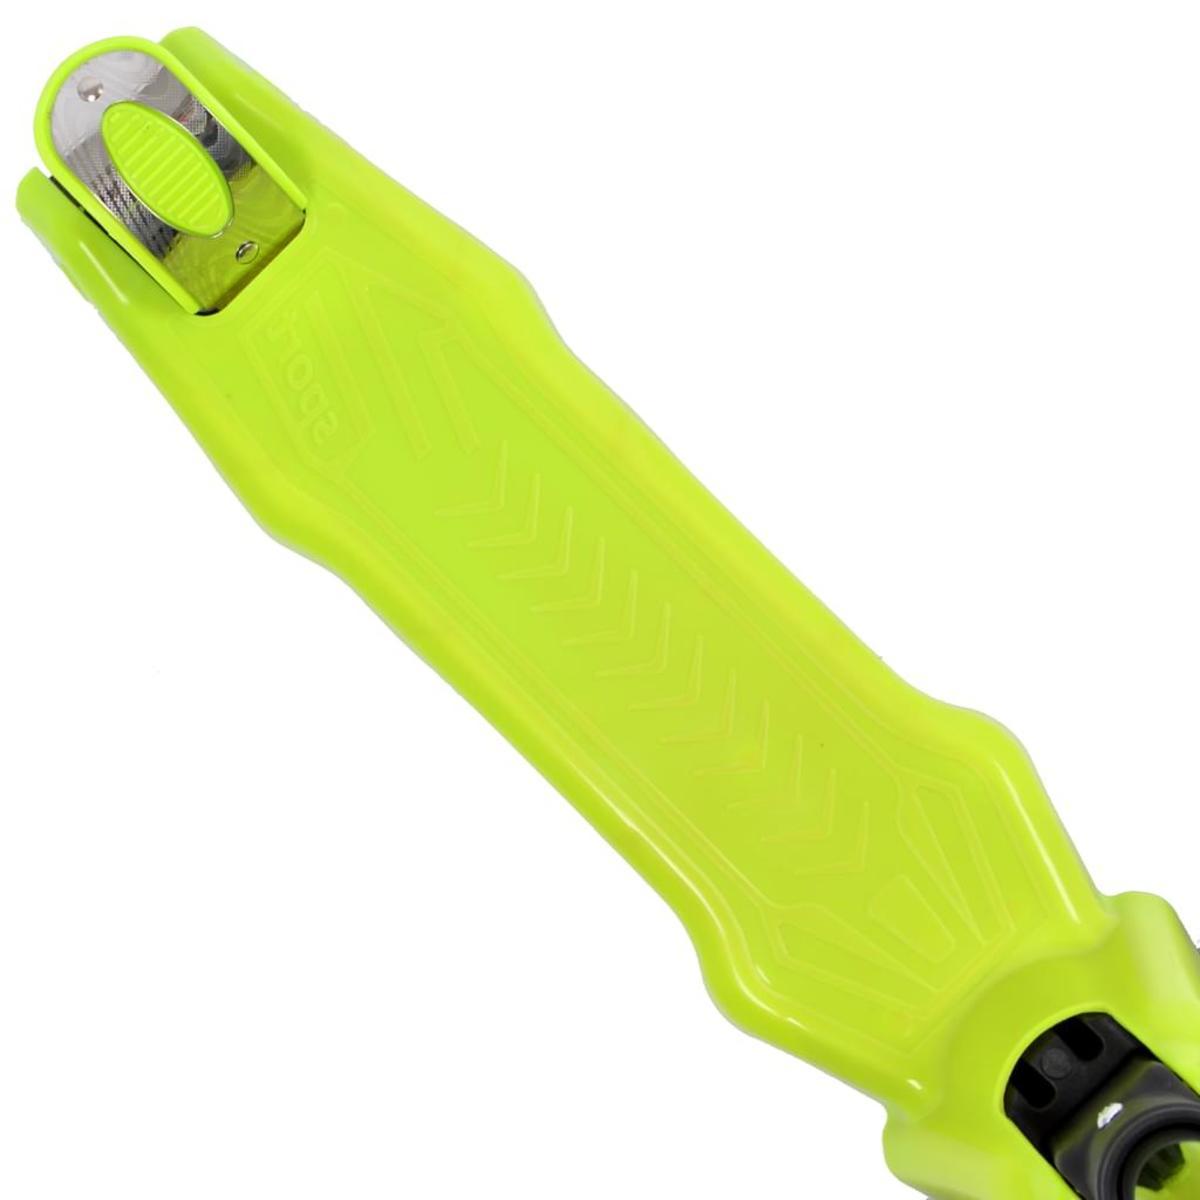 Bild 3 von Apollo Scooter - Candy Racer LED - Grün - Kinderscooter ab 3 Jahren, faltbarer Kickboard-Scooter mit  LED Leuchtrollen